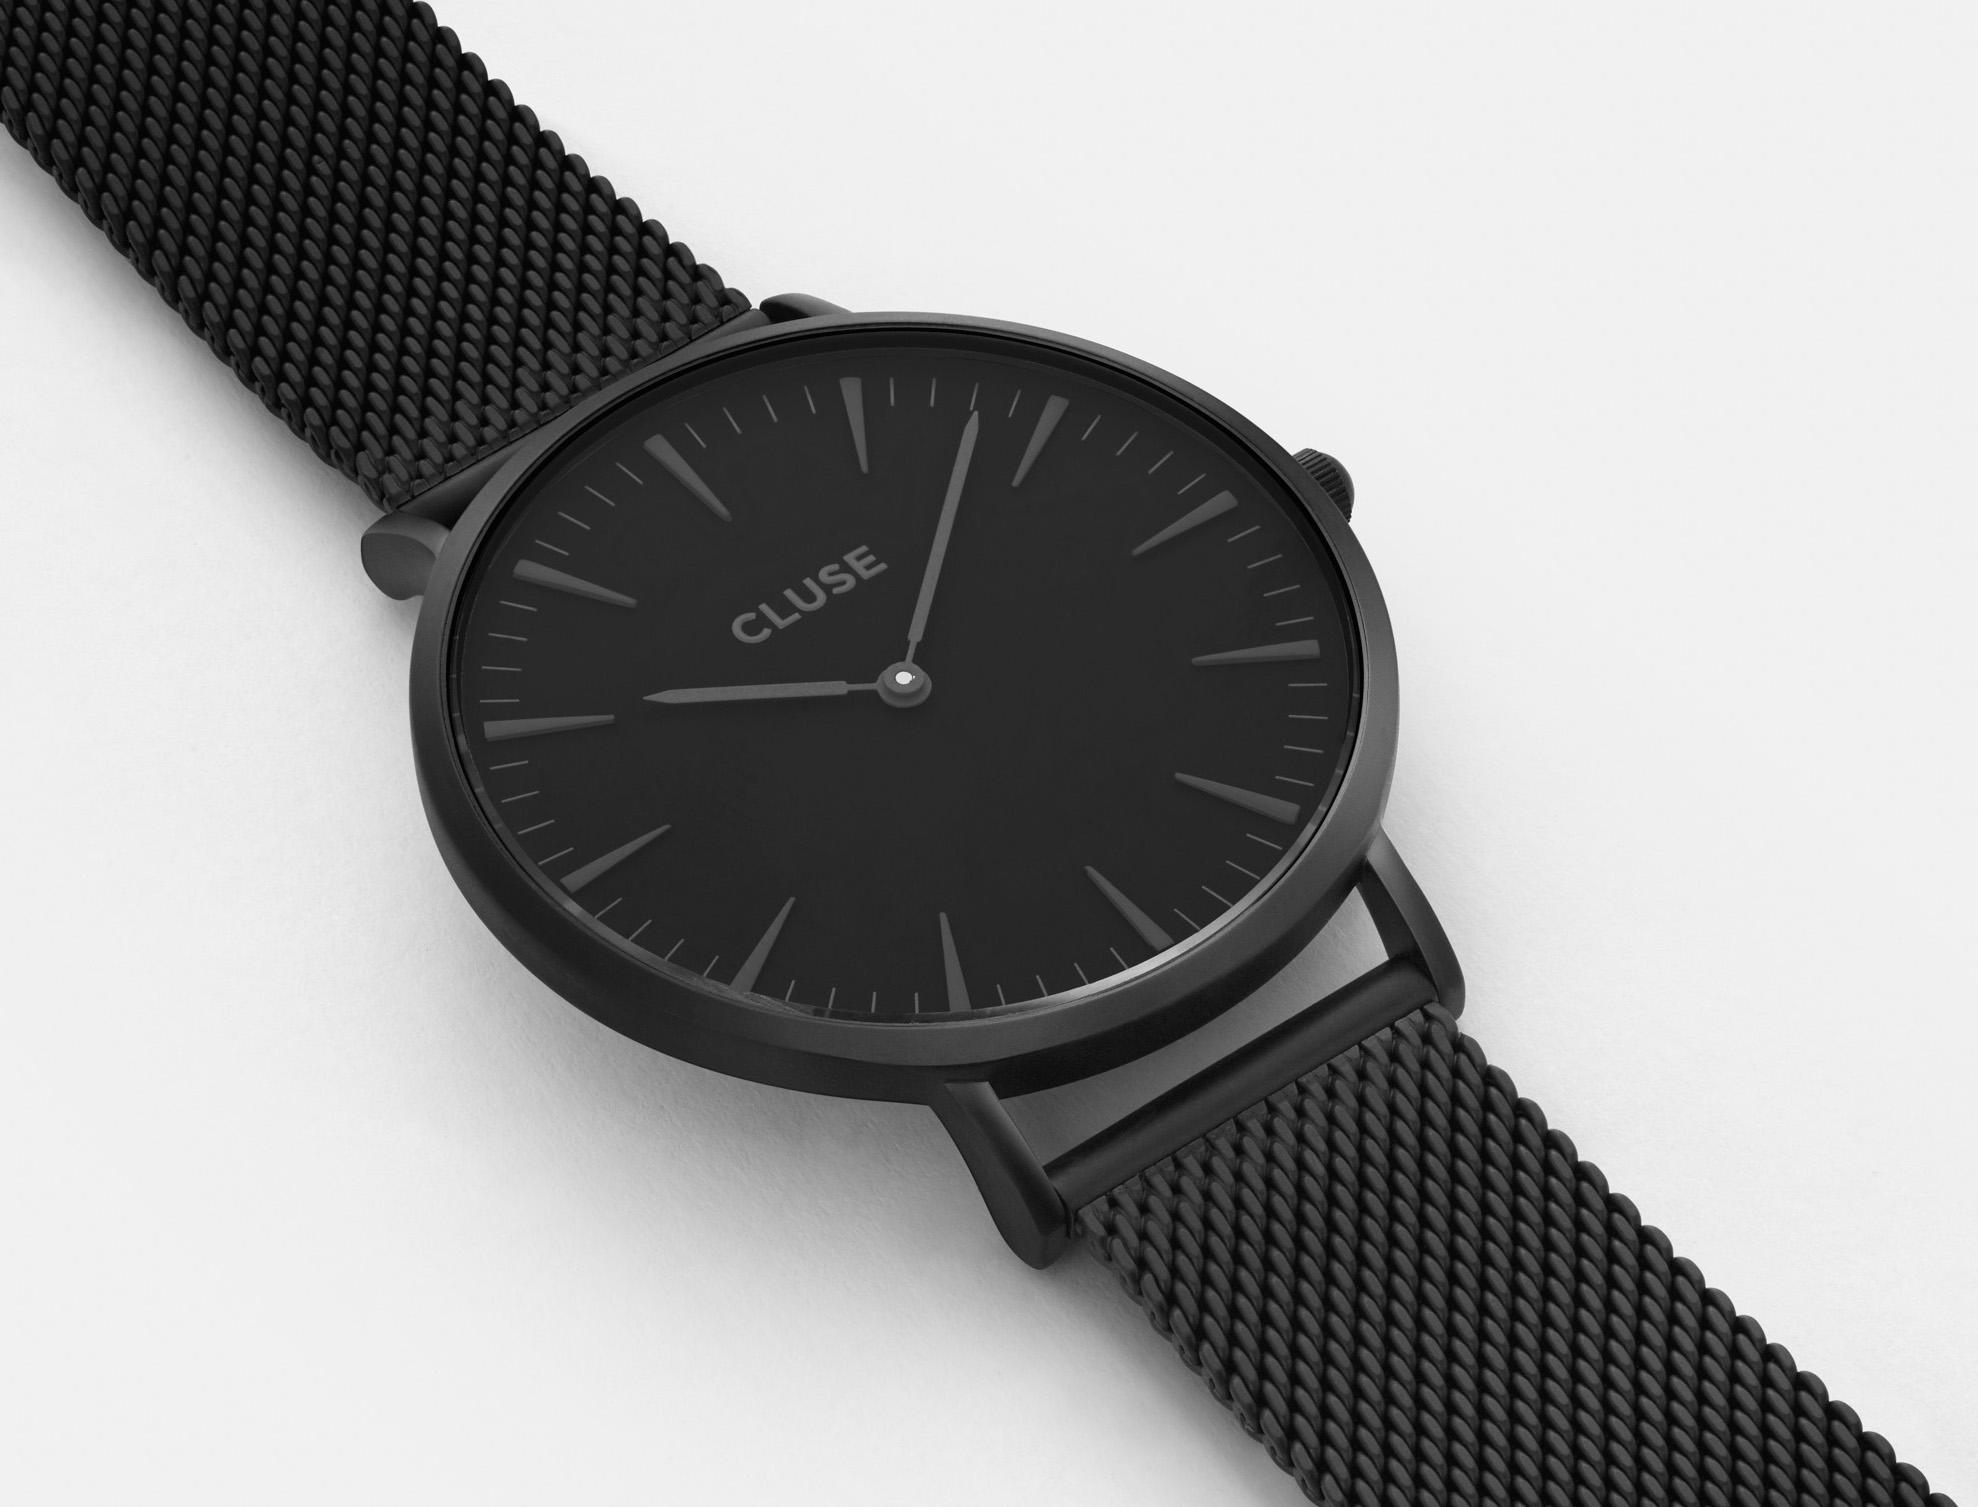 cluse-cl18111-on-wrist